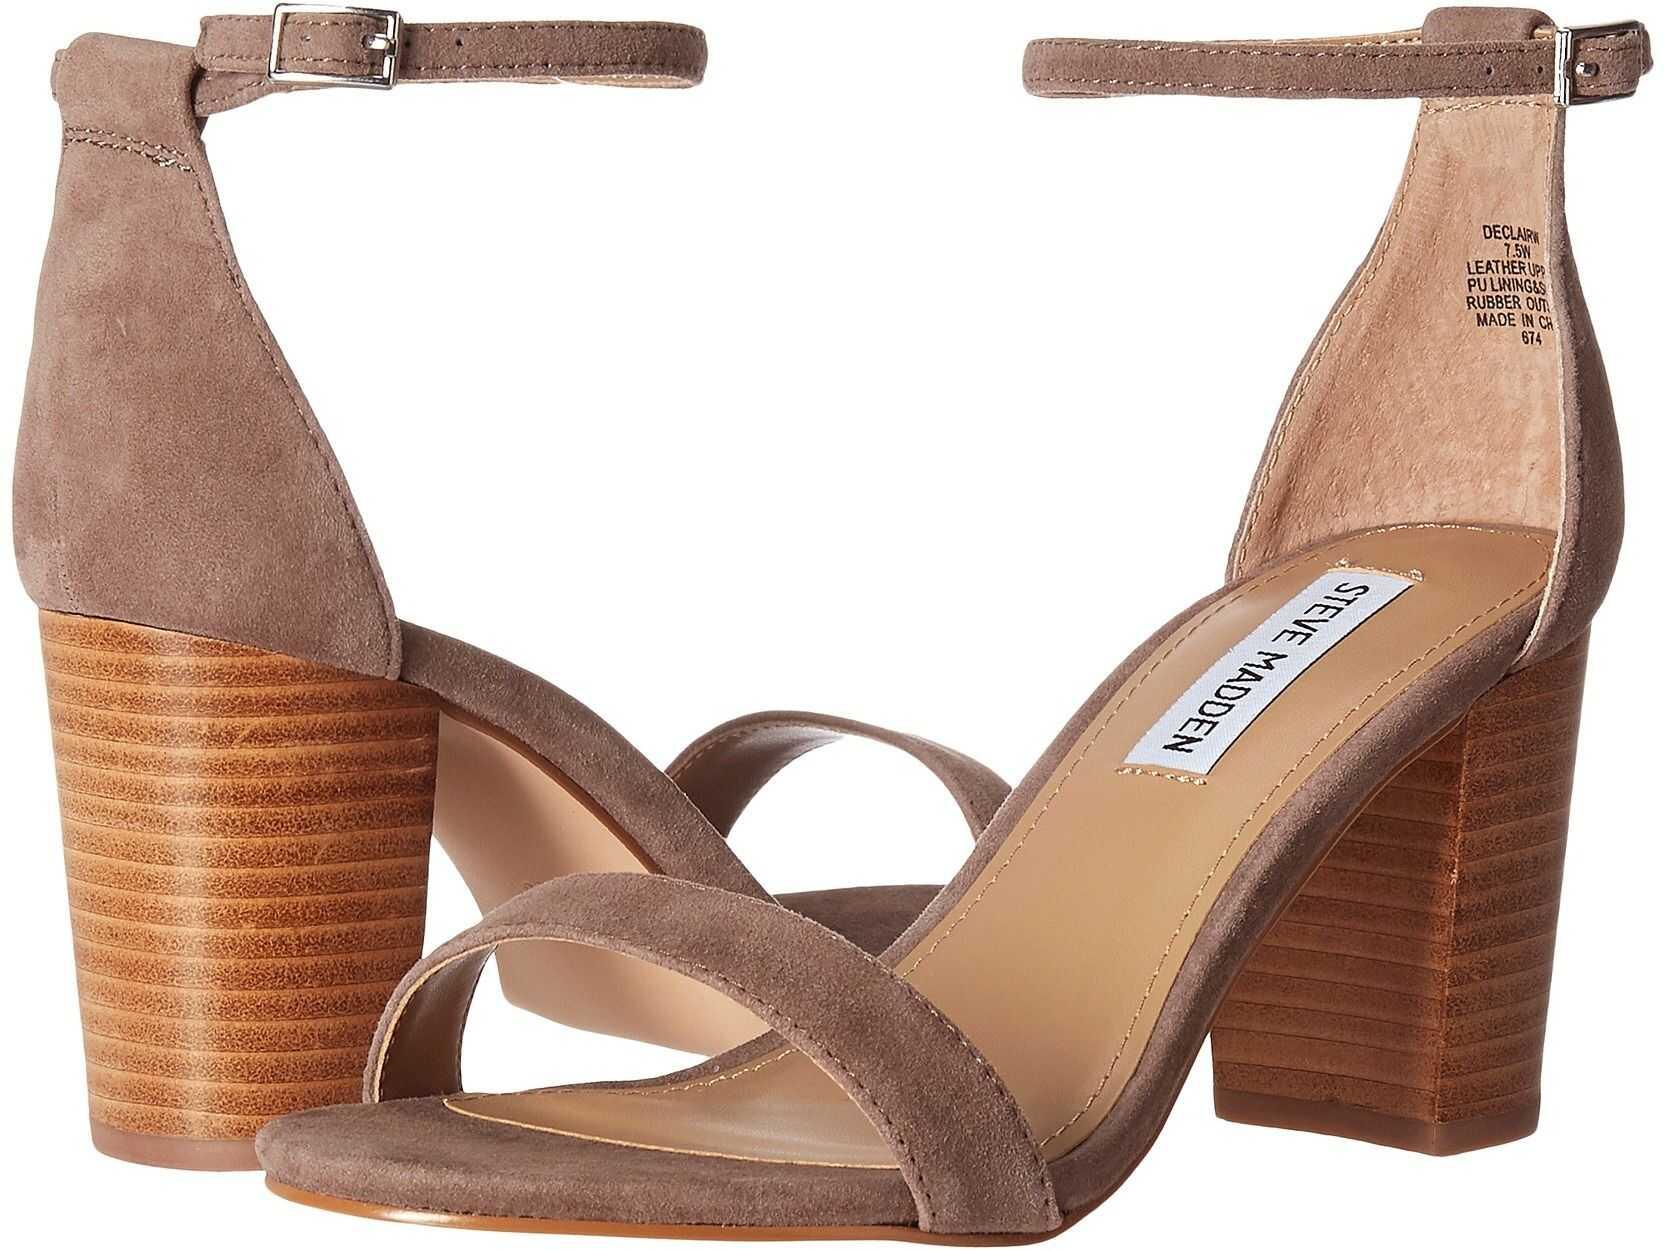 Steve Madden Exclusive - Declair Block Heeled Sandal Grey Multi